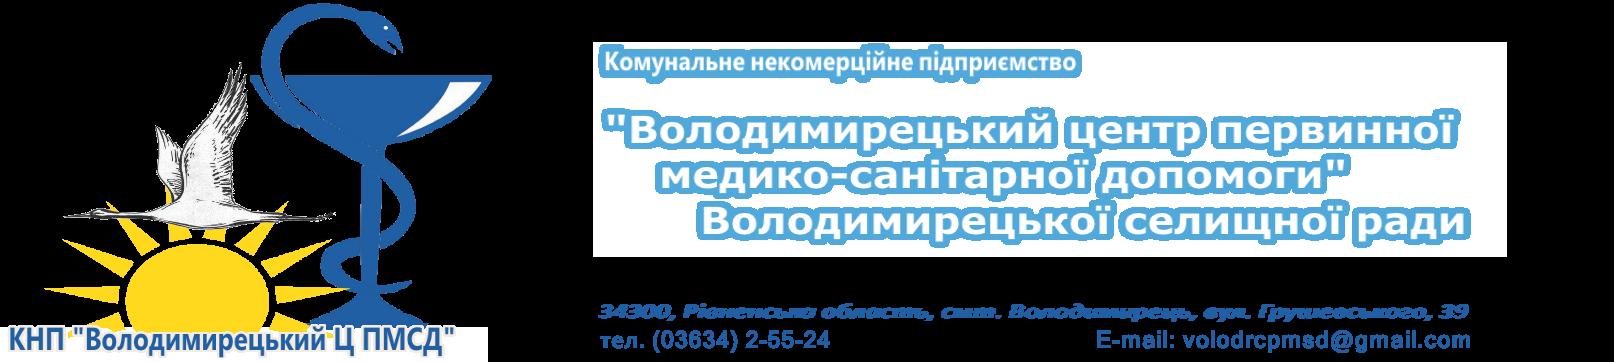 """КНП """"Володимирецький Ц ПМСД"""""""